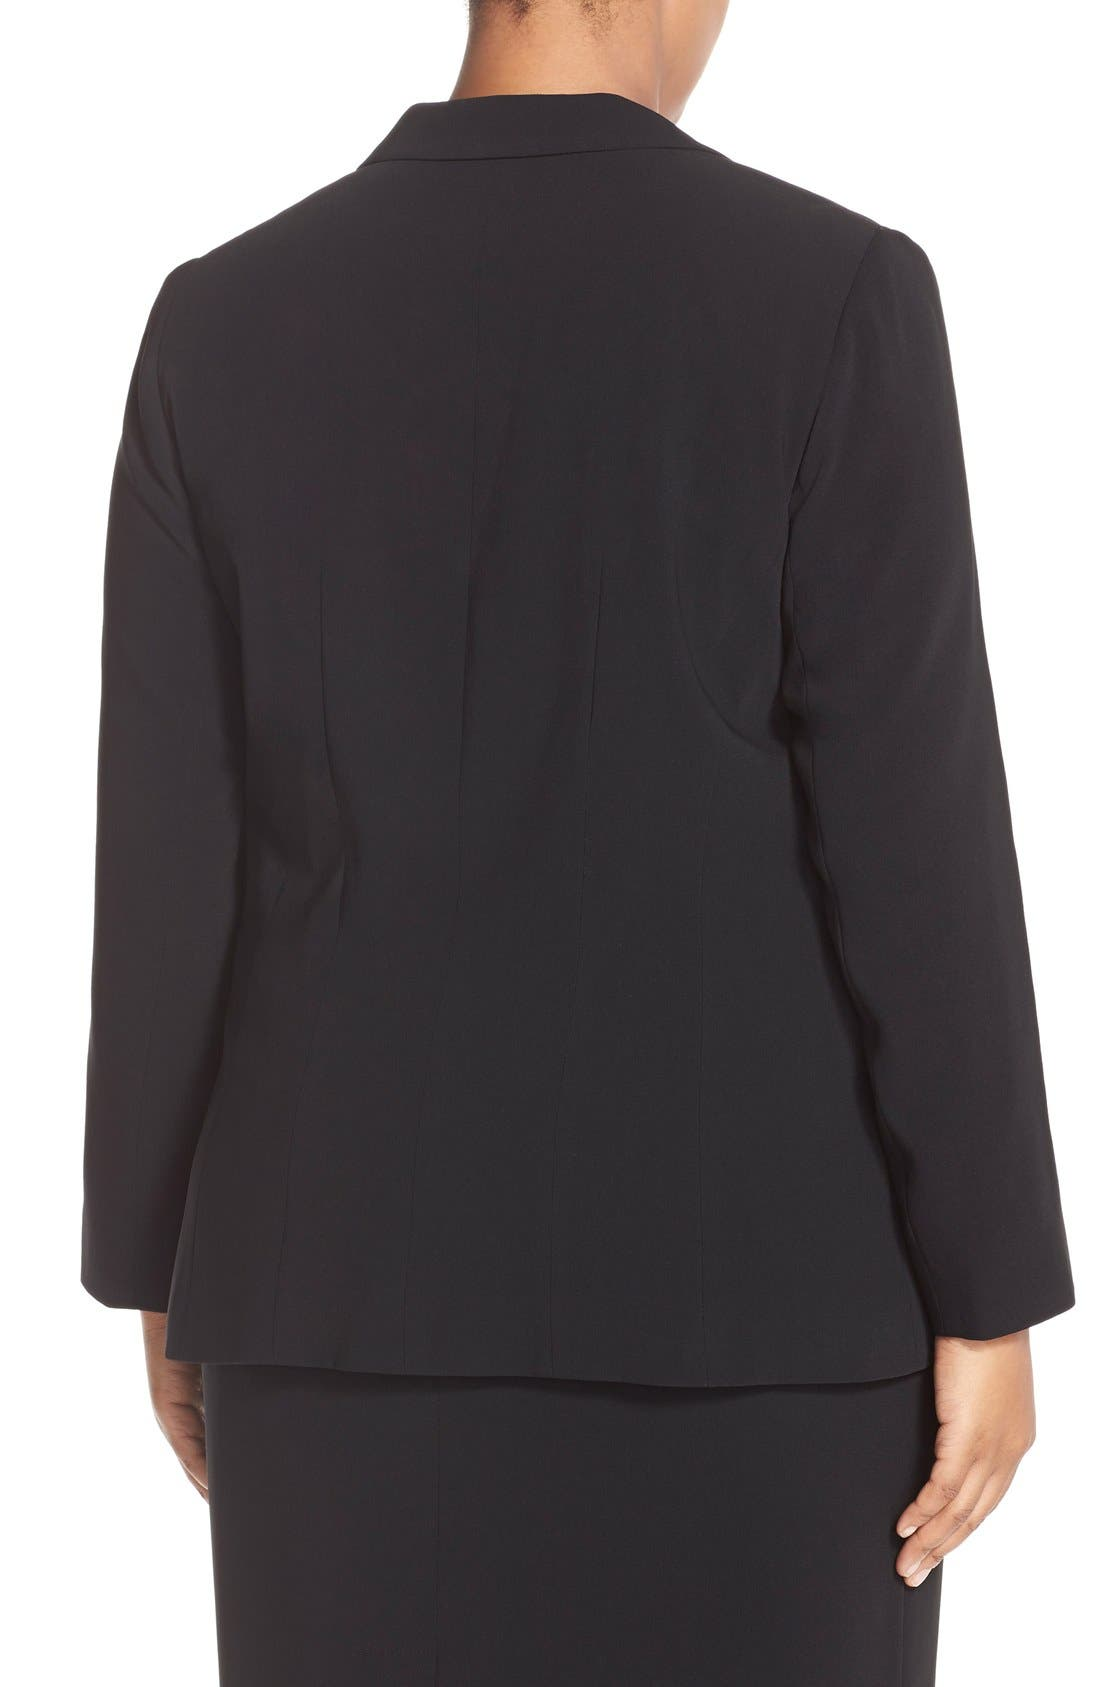 Peak Lapel Suit Jacket,                             Alternate thumbnail 2, color,                             Black